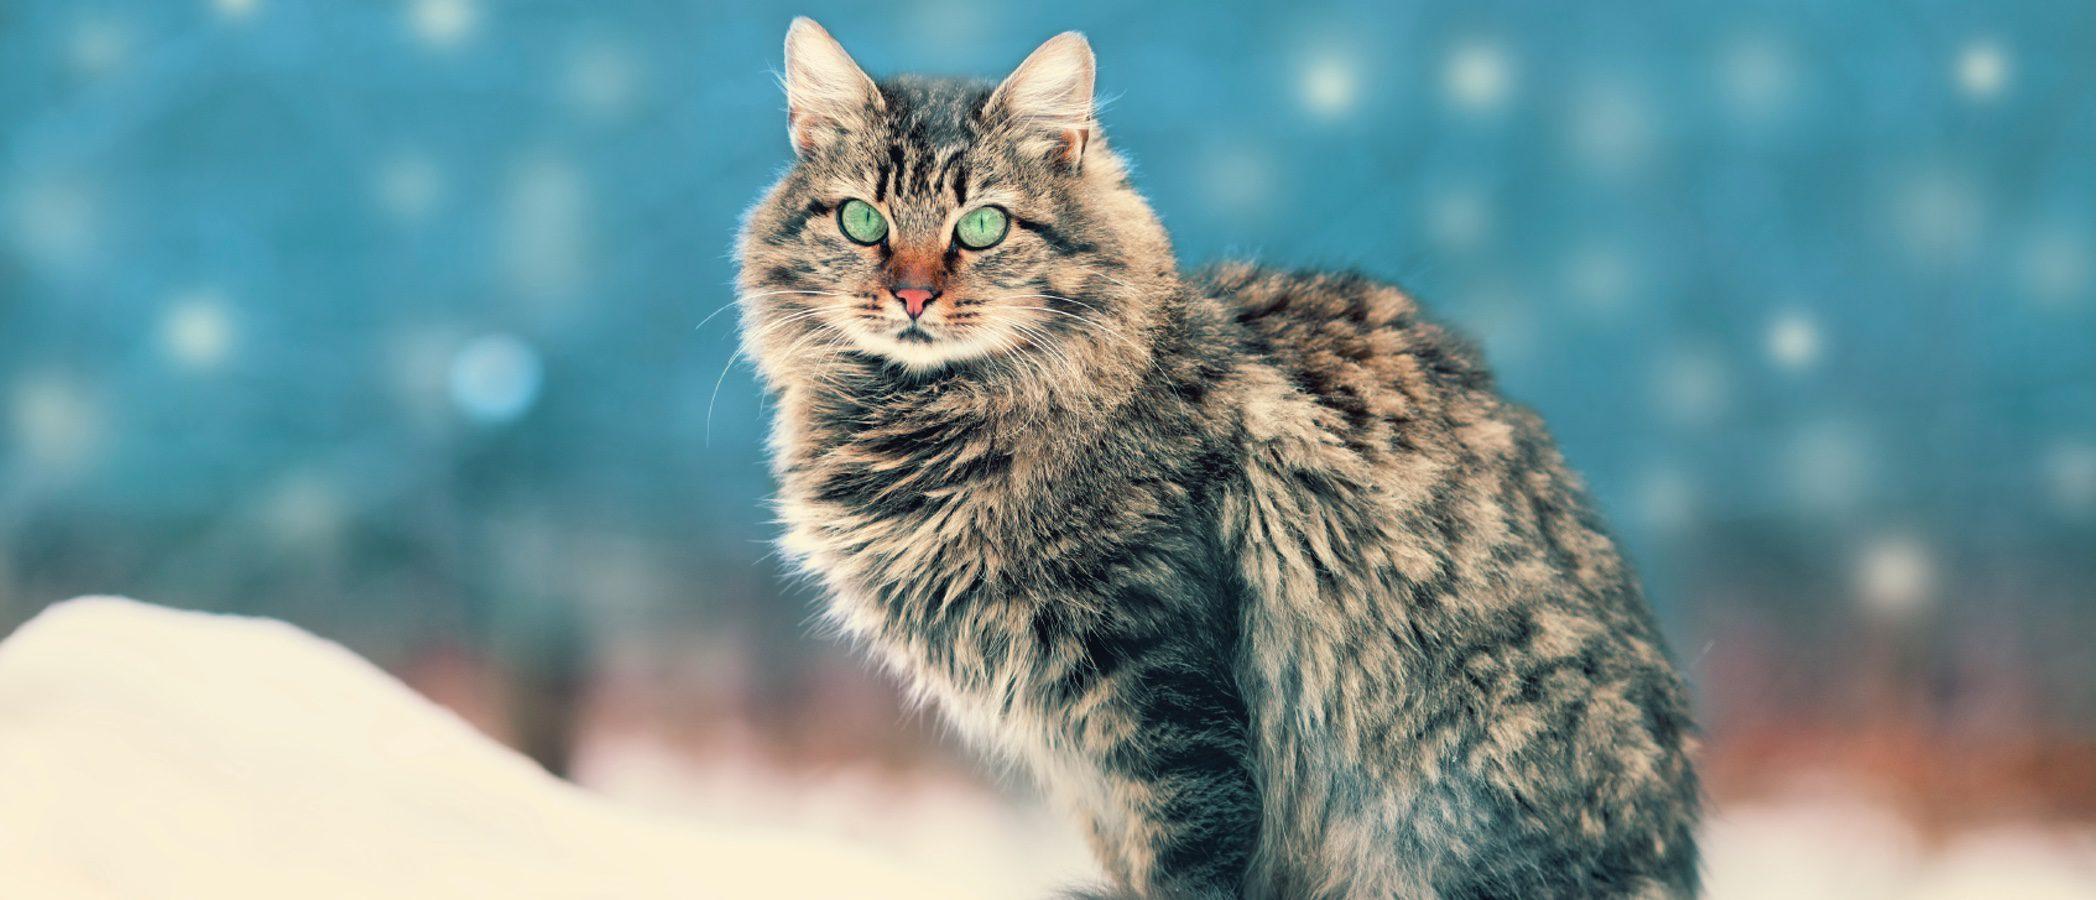 Gato Siberiano: todo sobre esta raza de felino